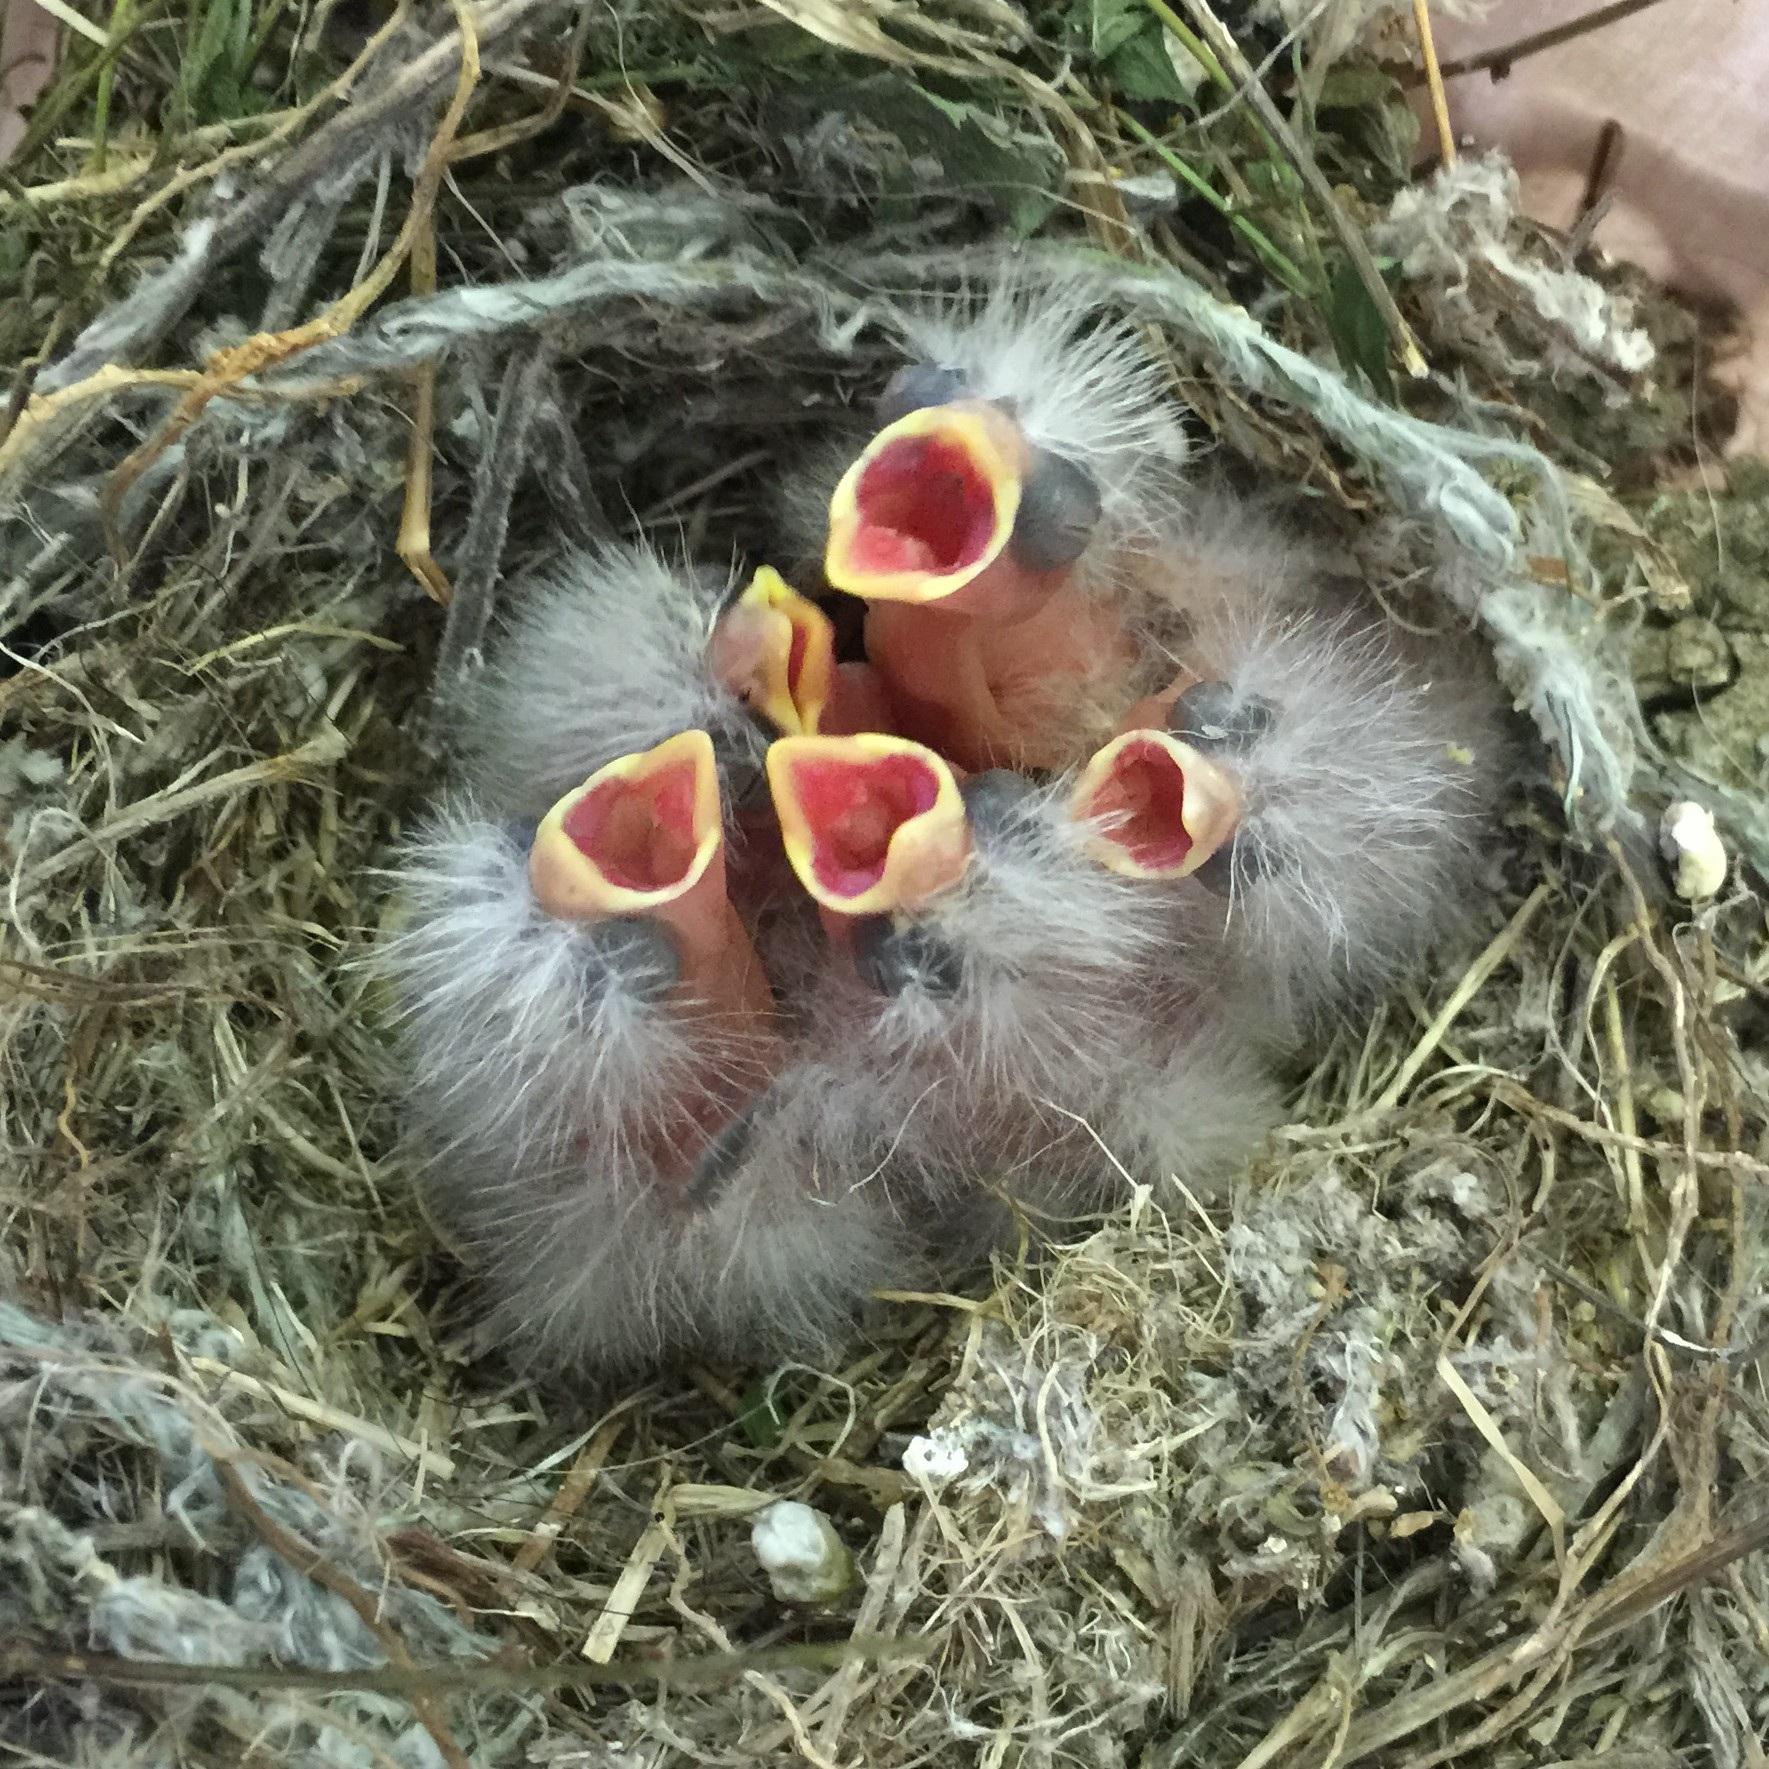 Courtesy Bird Rescue Center